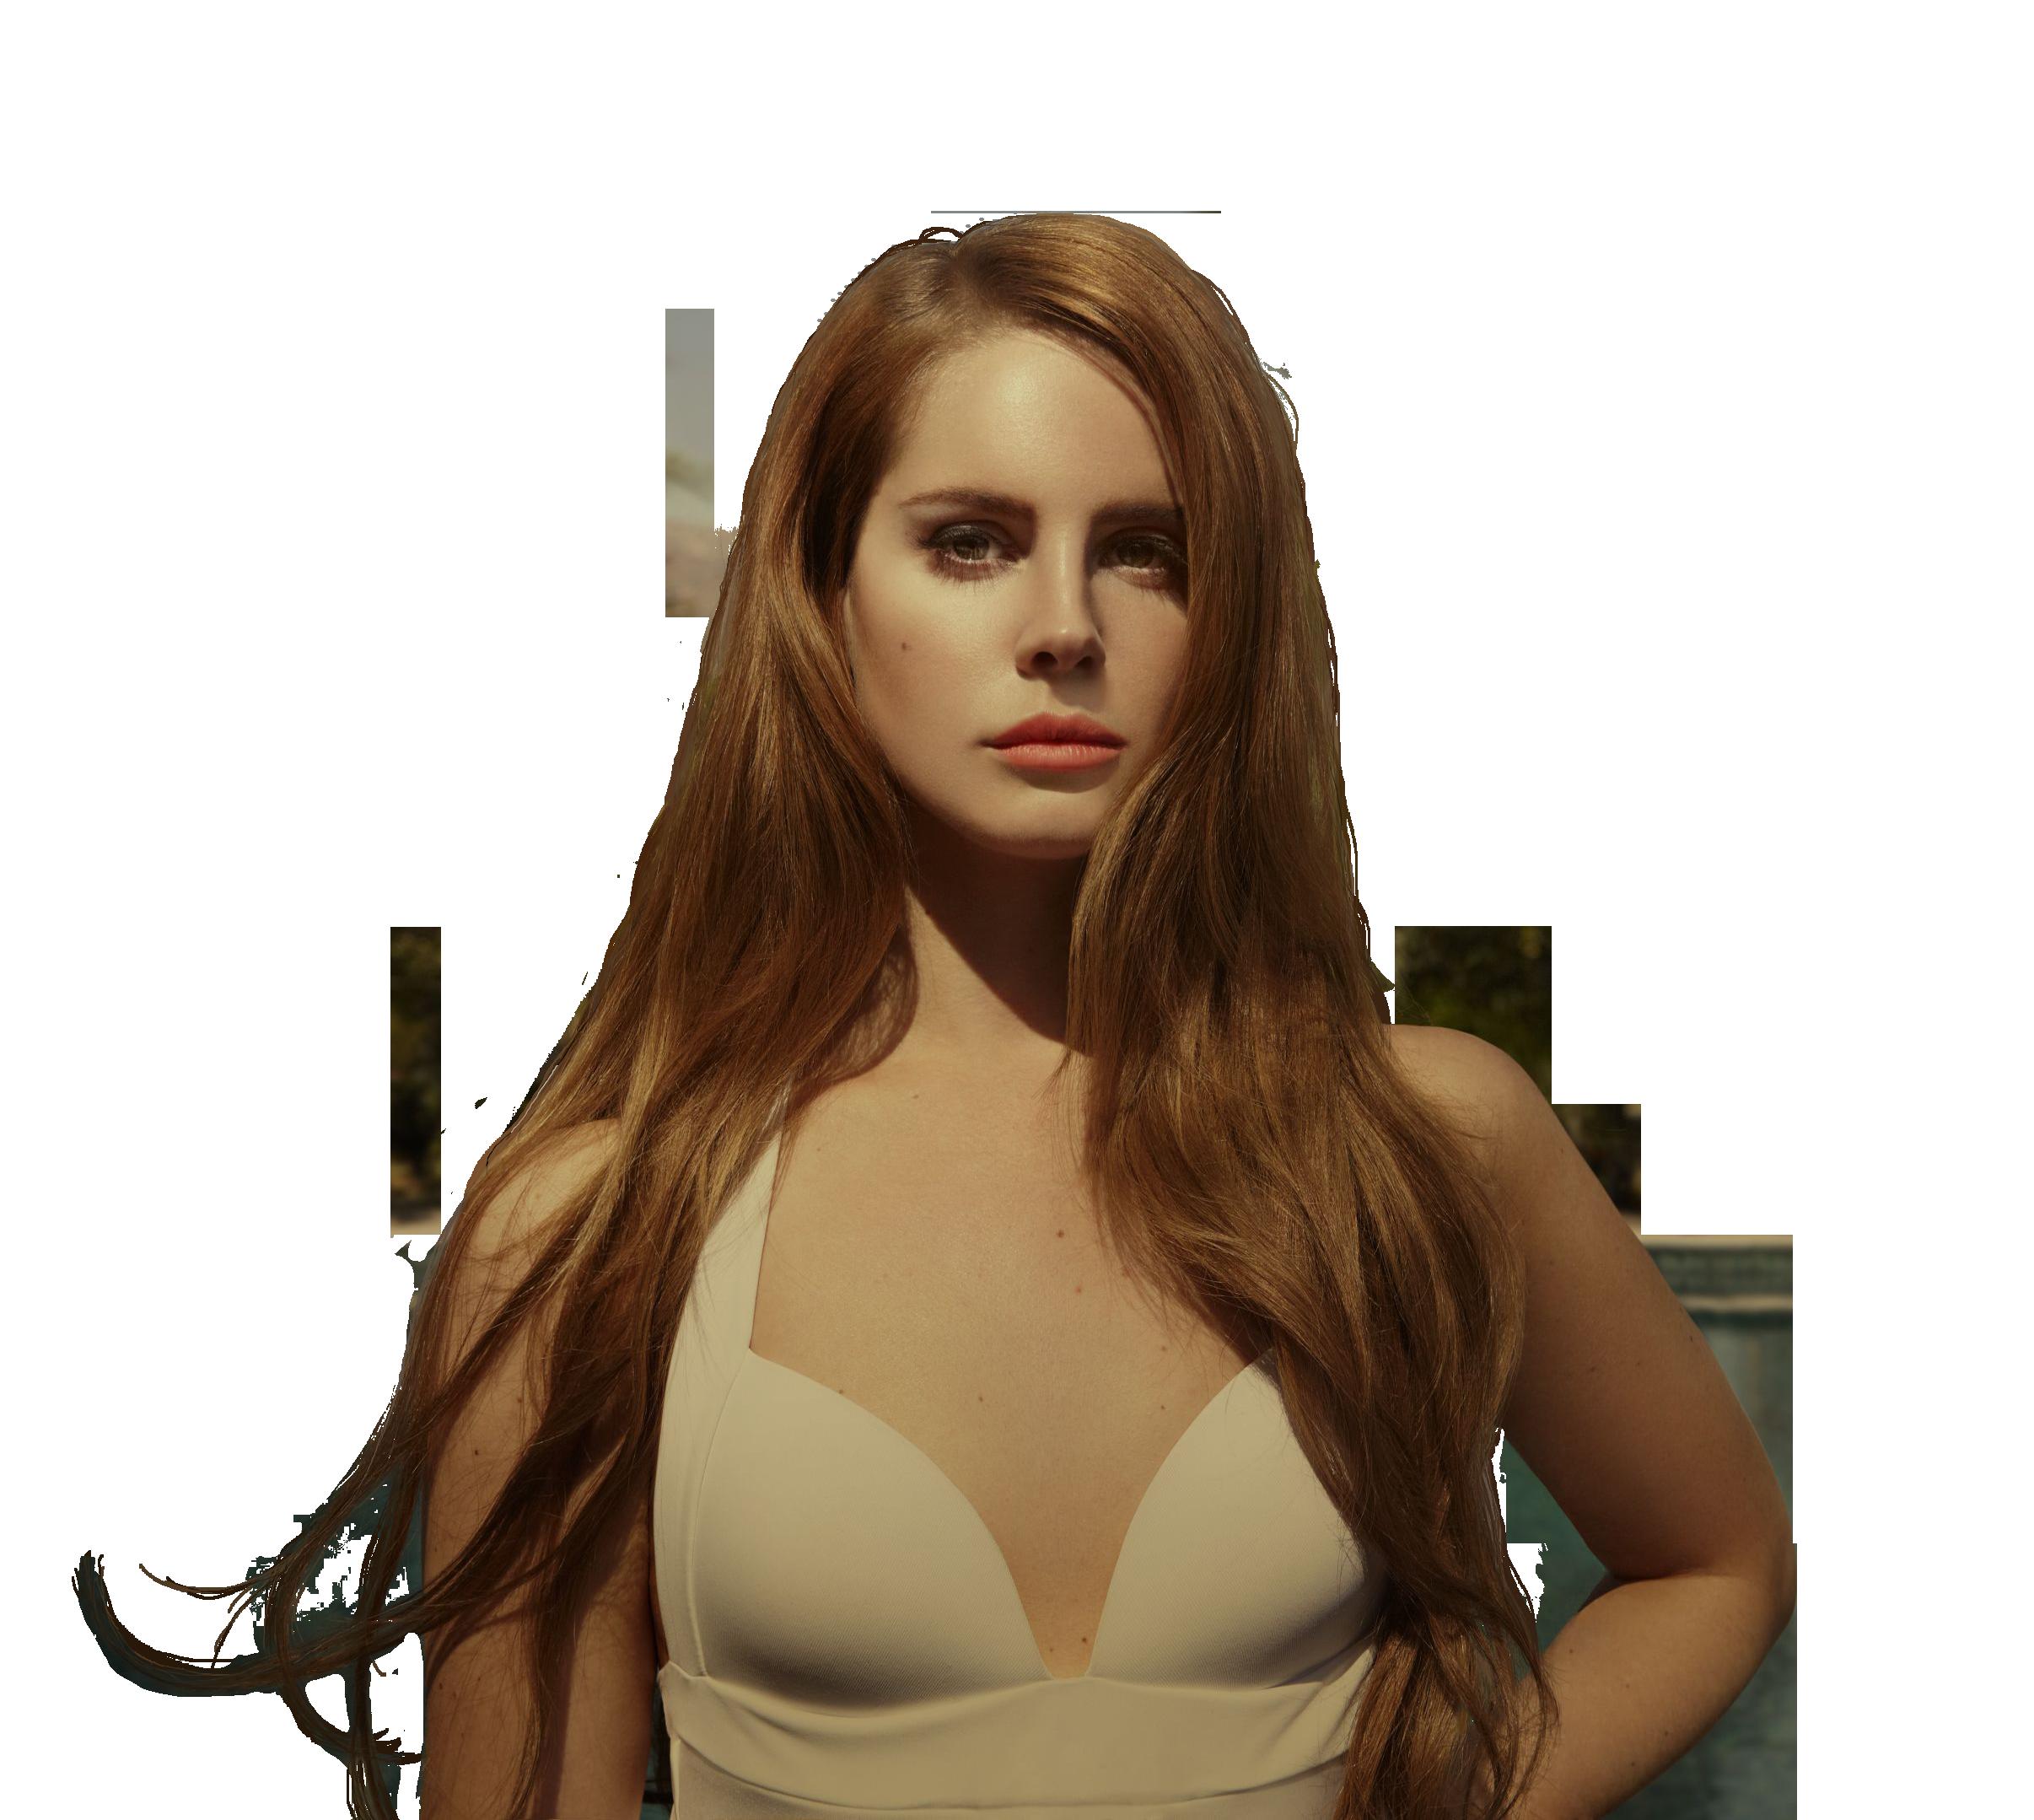 Lana Del Rey Born To Die Png By Angeldavidcs On Deviantart